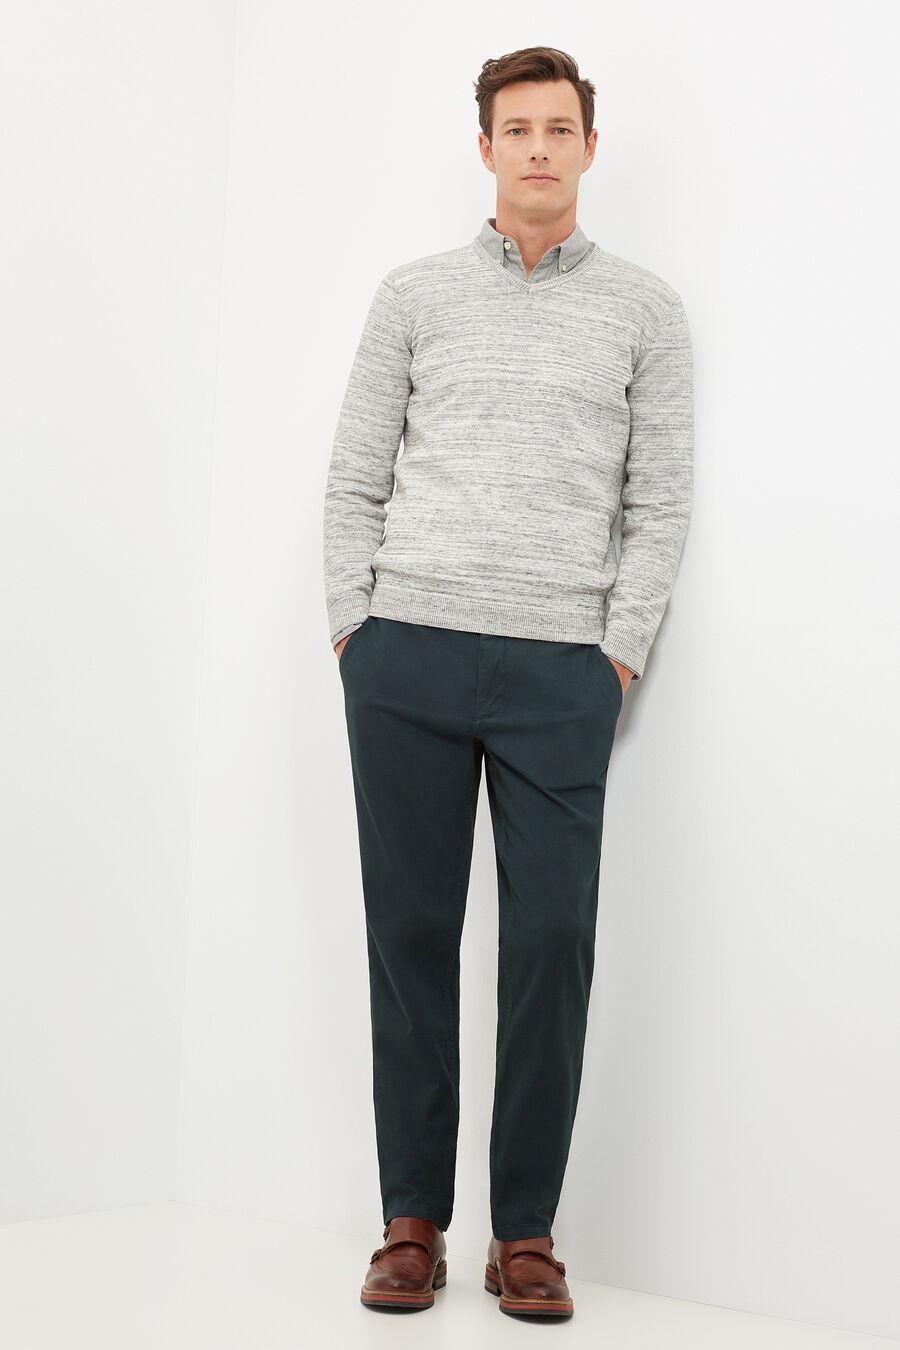 Patterned v-neck jumper